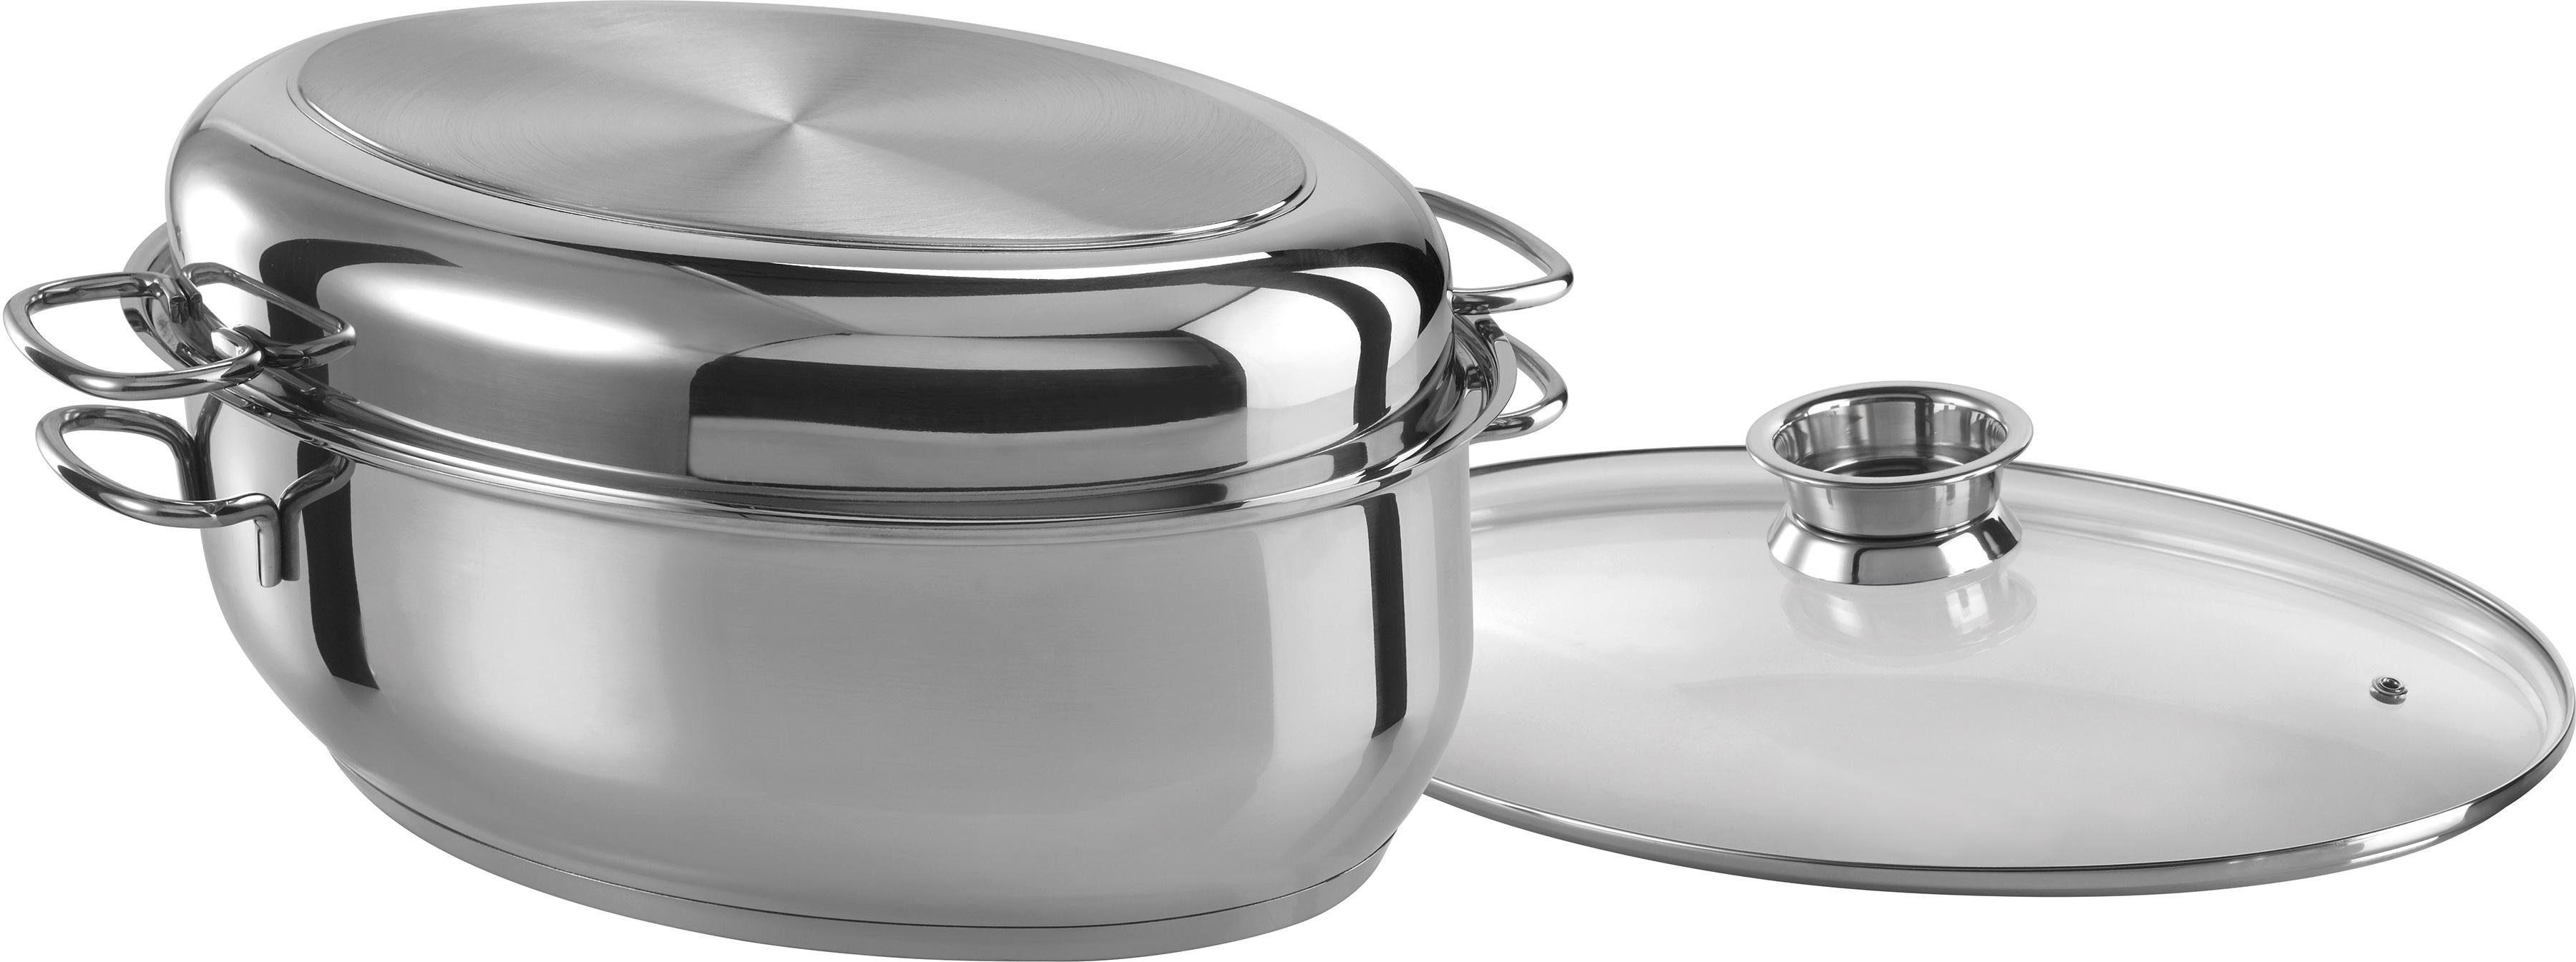 Gänsebräter oval Schmortopf Bräter Edelstahl Glas-Deckel 8,5 Liter Induktion GSW